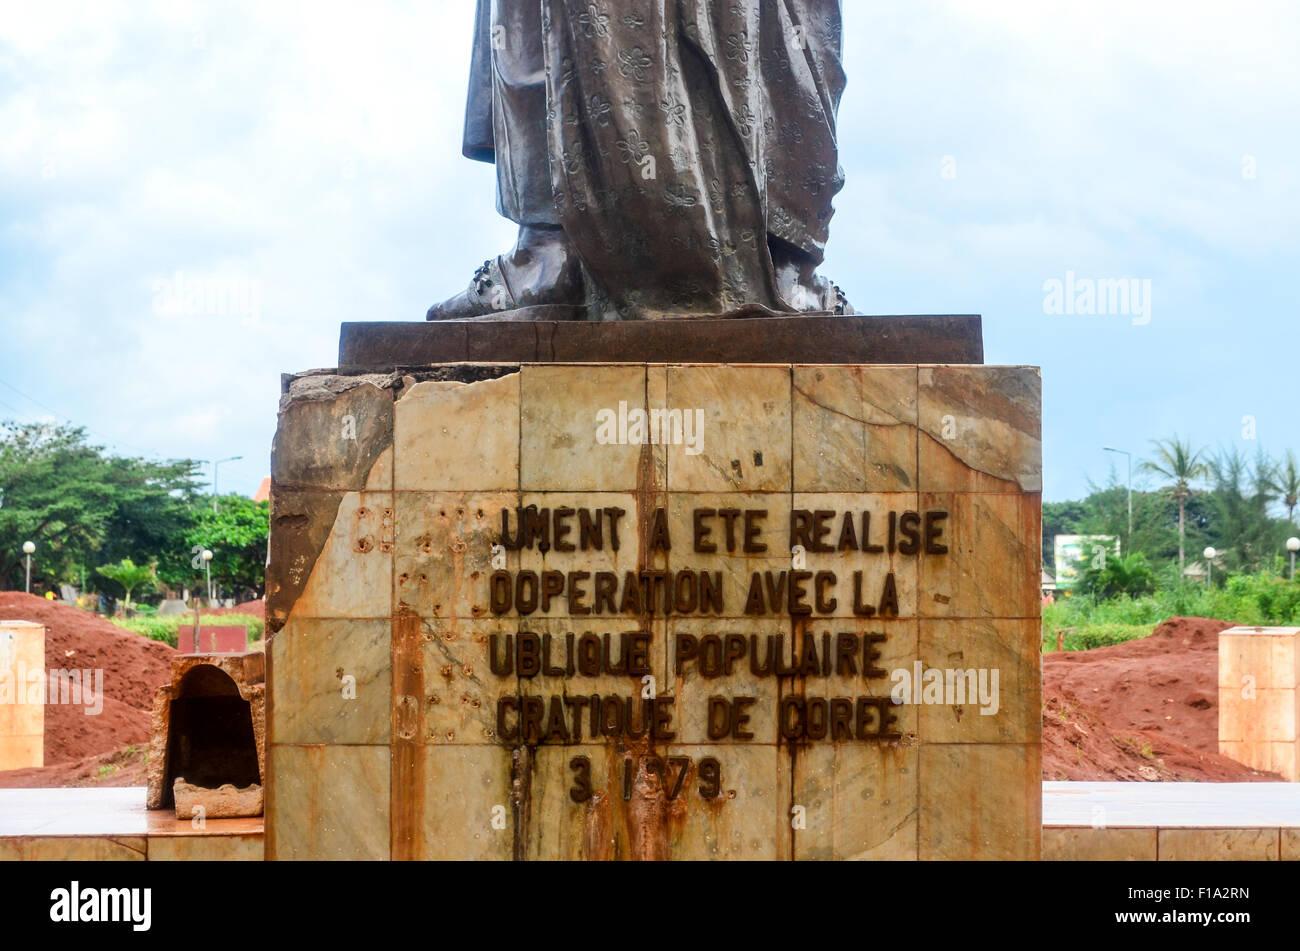 Statue de la Corée du Nord à Abomey, Bénin, Afrique Photo Stock